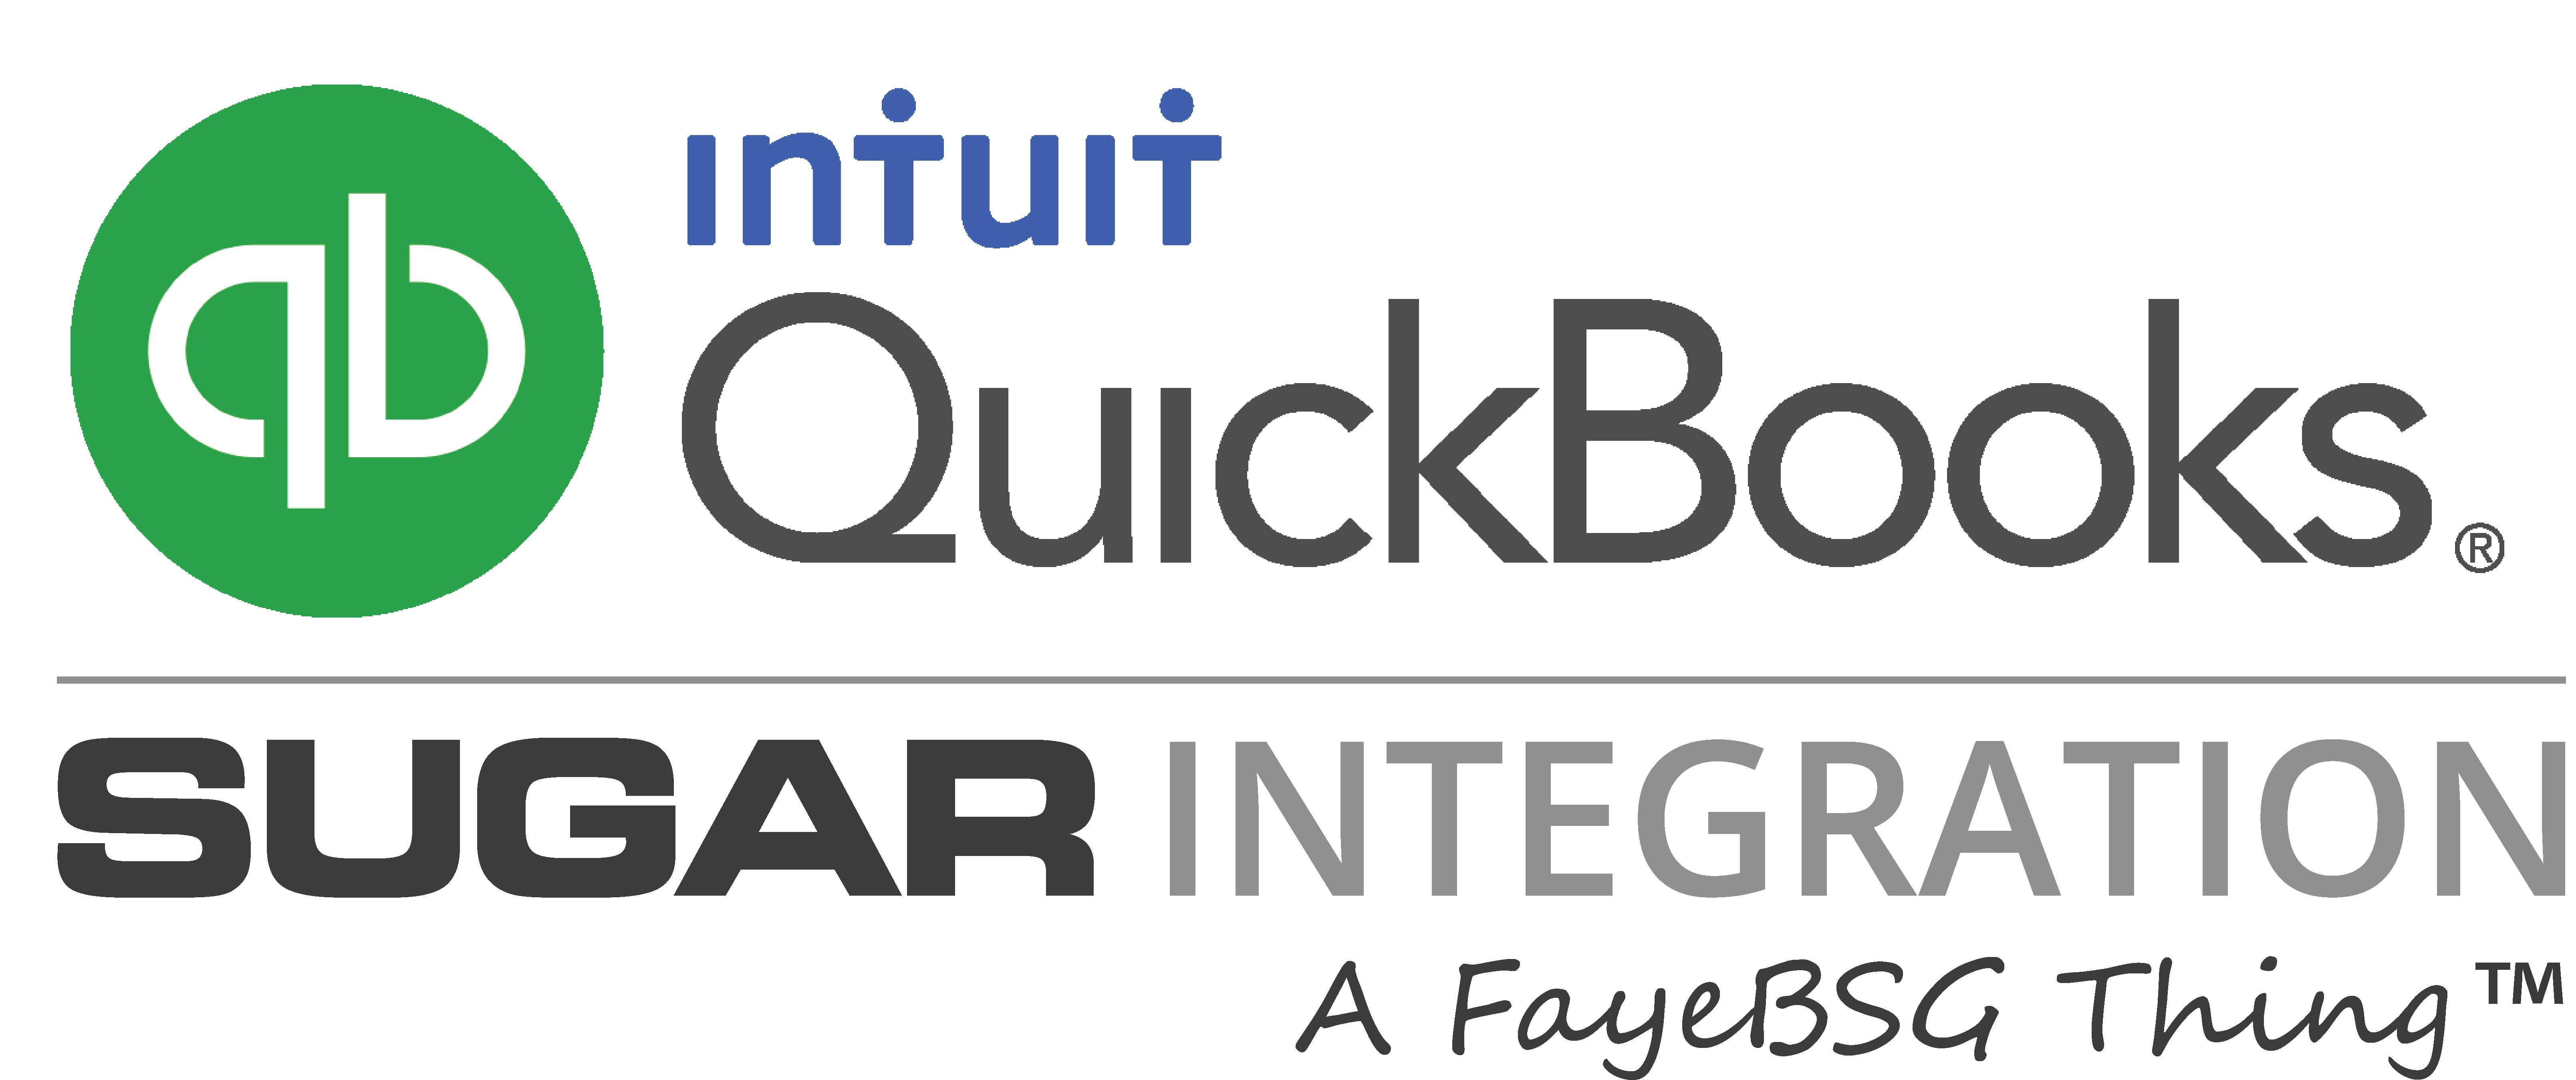 intuitquickbook